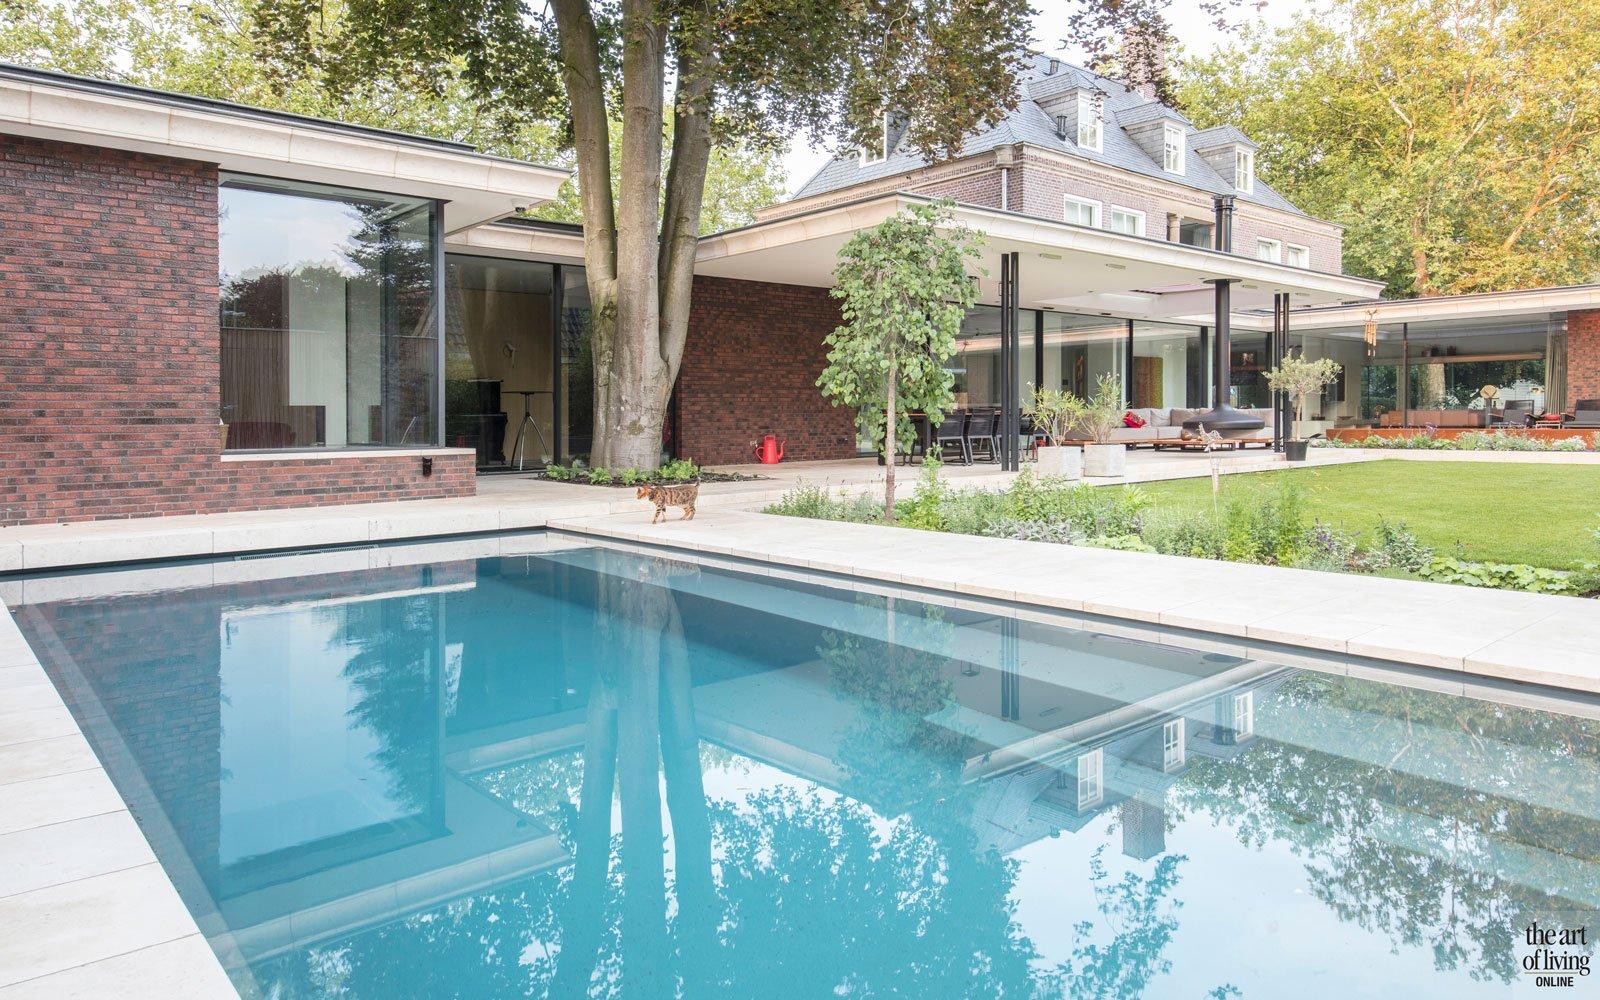 Eigentijds, Bever architecten, the art of living, zwembaden, pools, pool, buitenzwembad, zwembad, exclusieve zwembaden